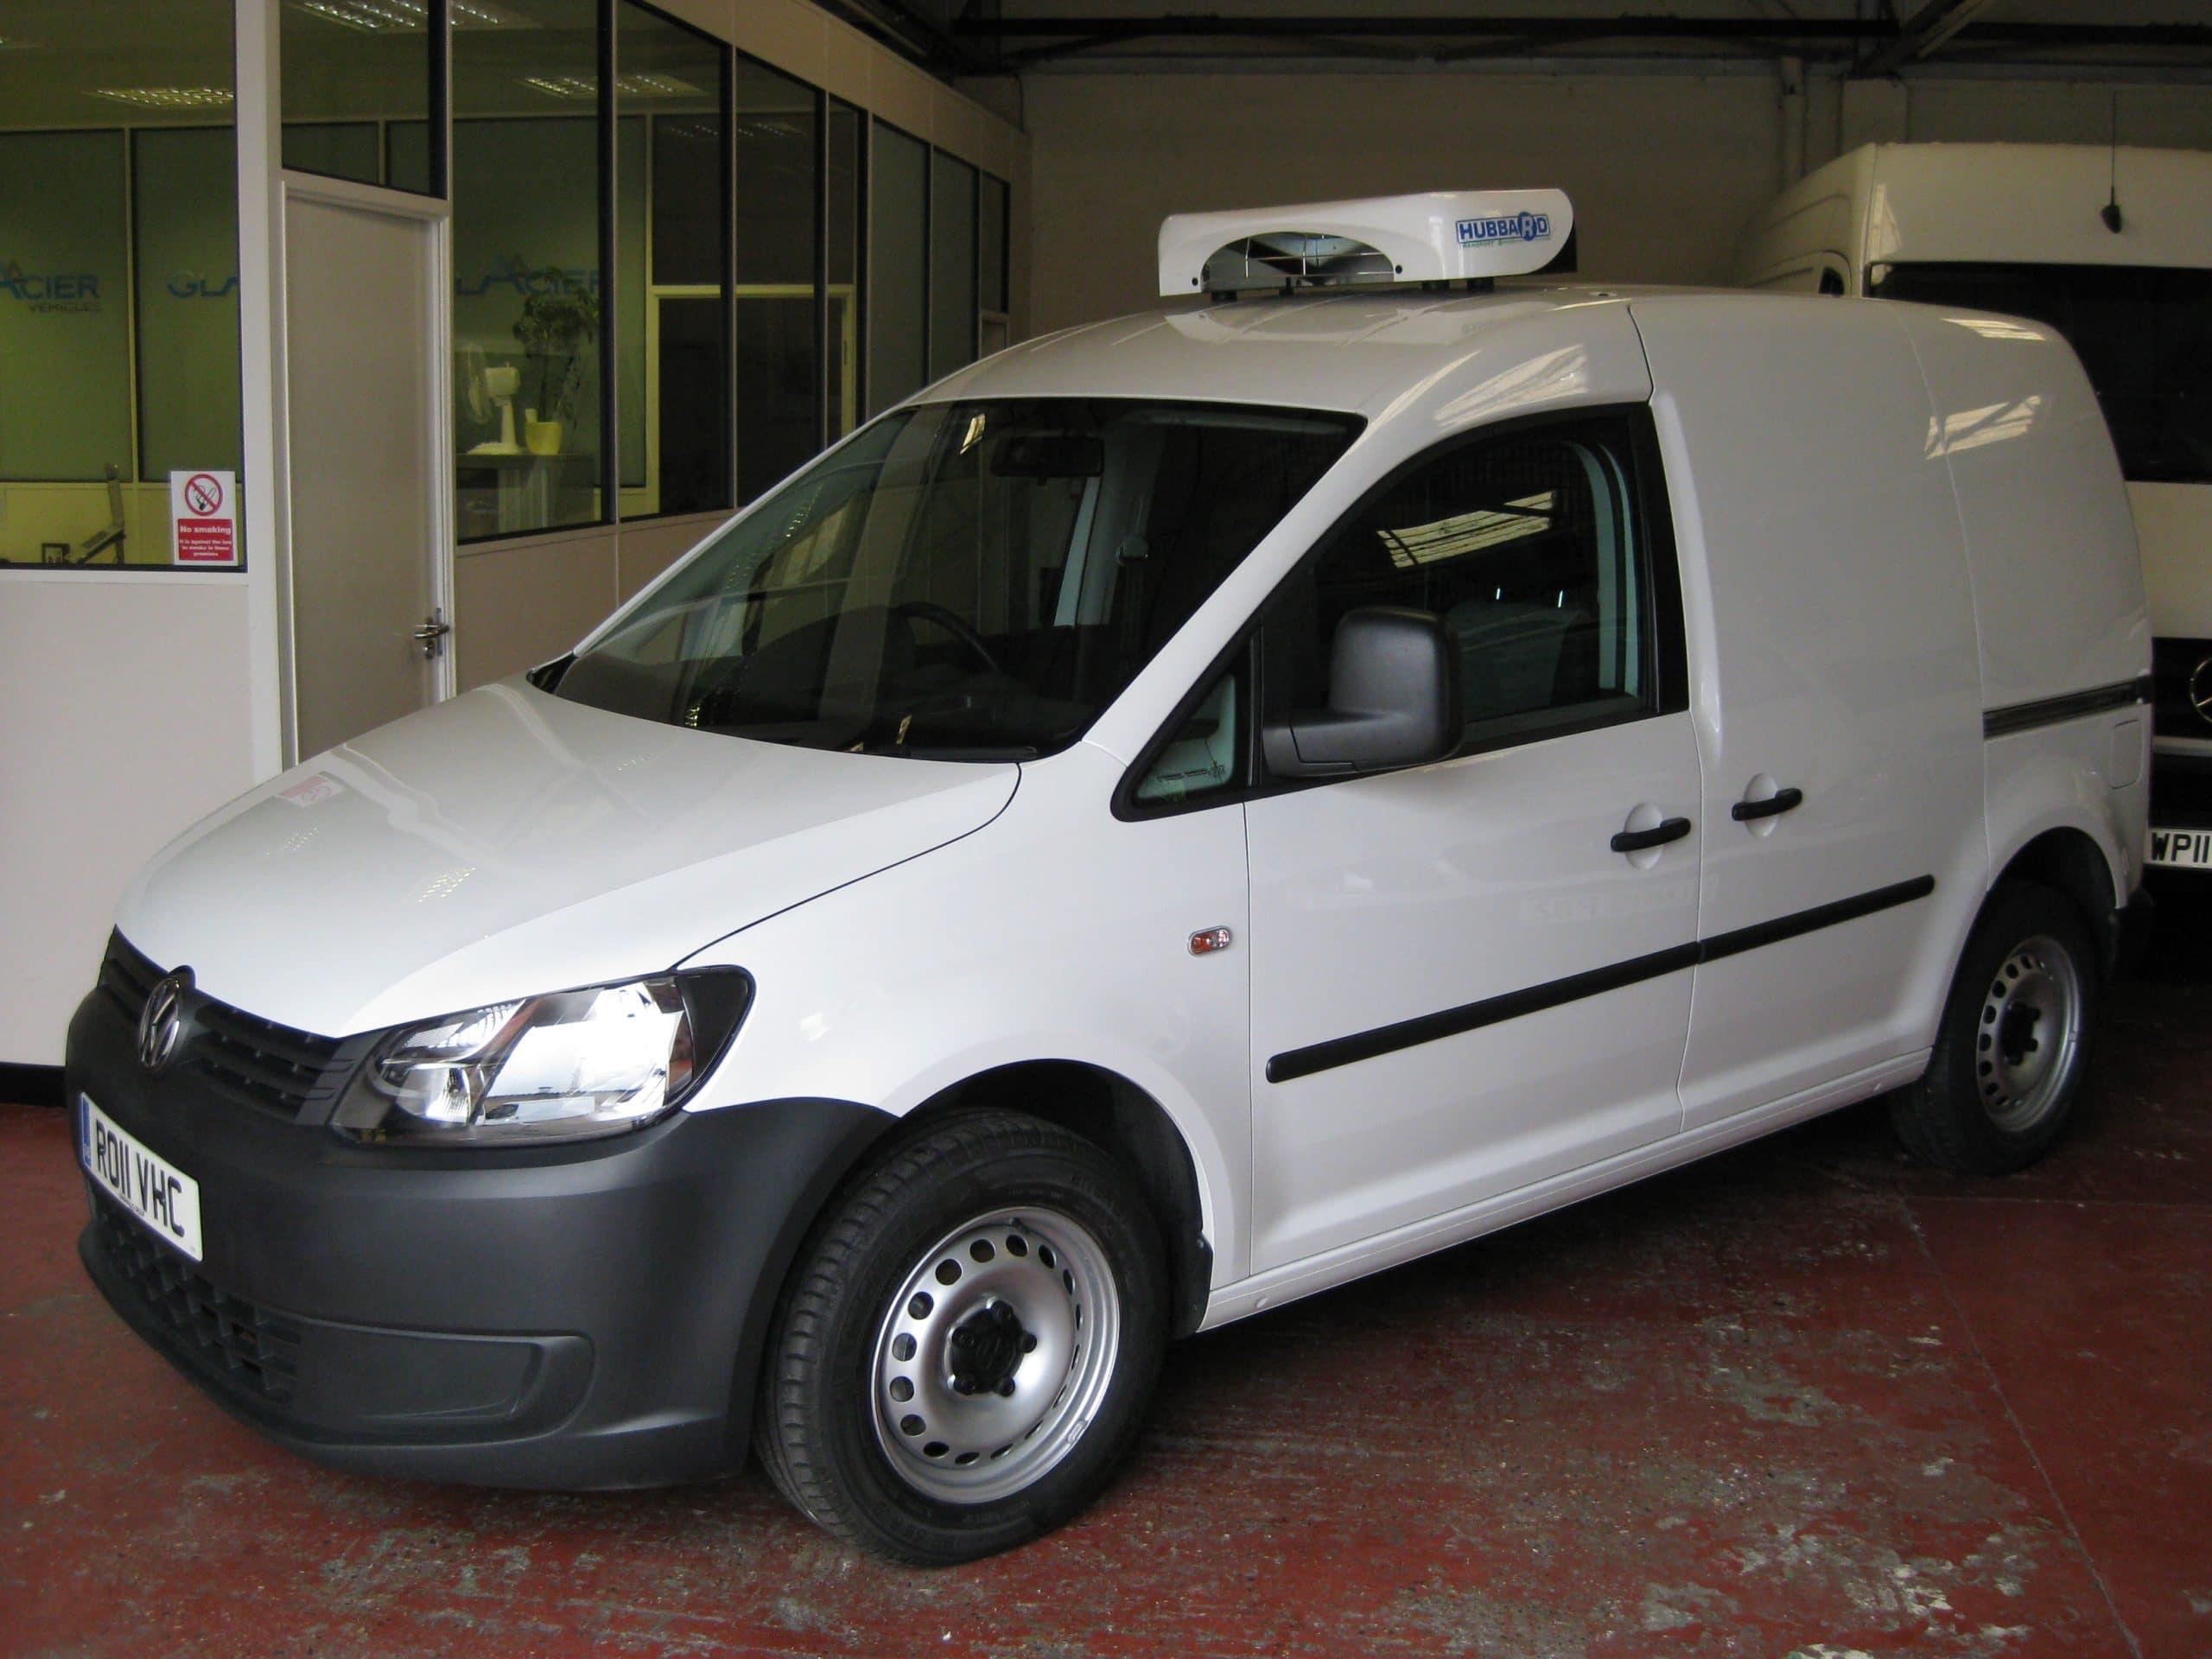 2016 Volkswagen Caddy Freezer Van For Sale